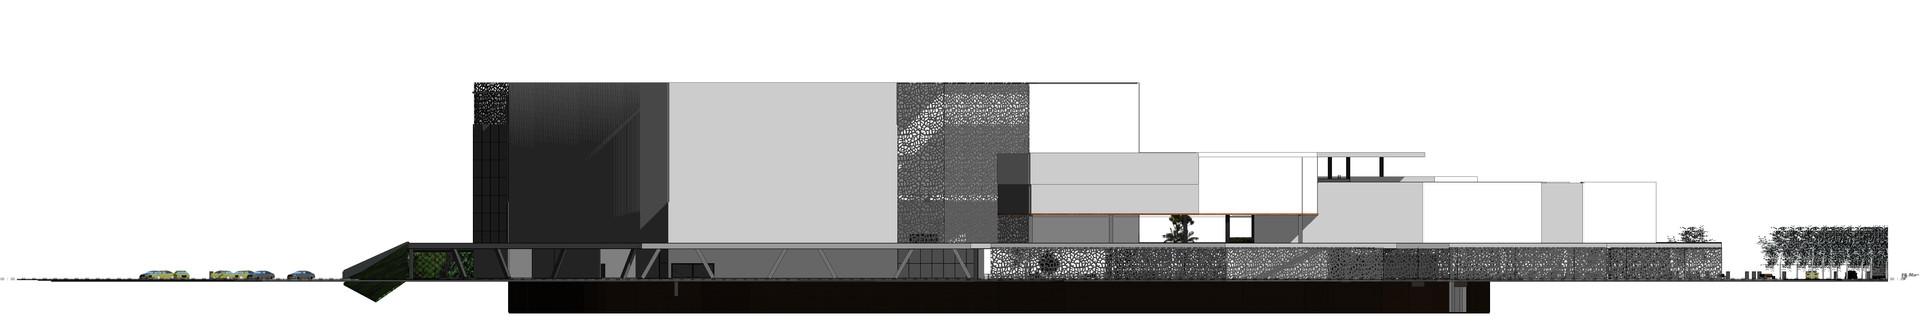 CENTRO DE ESPECTACULOSfach3.jpg